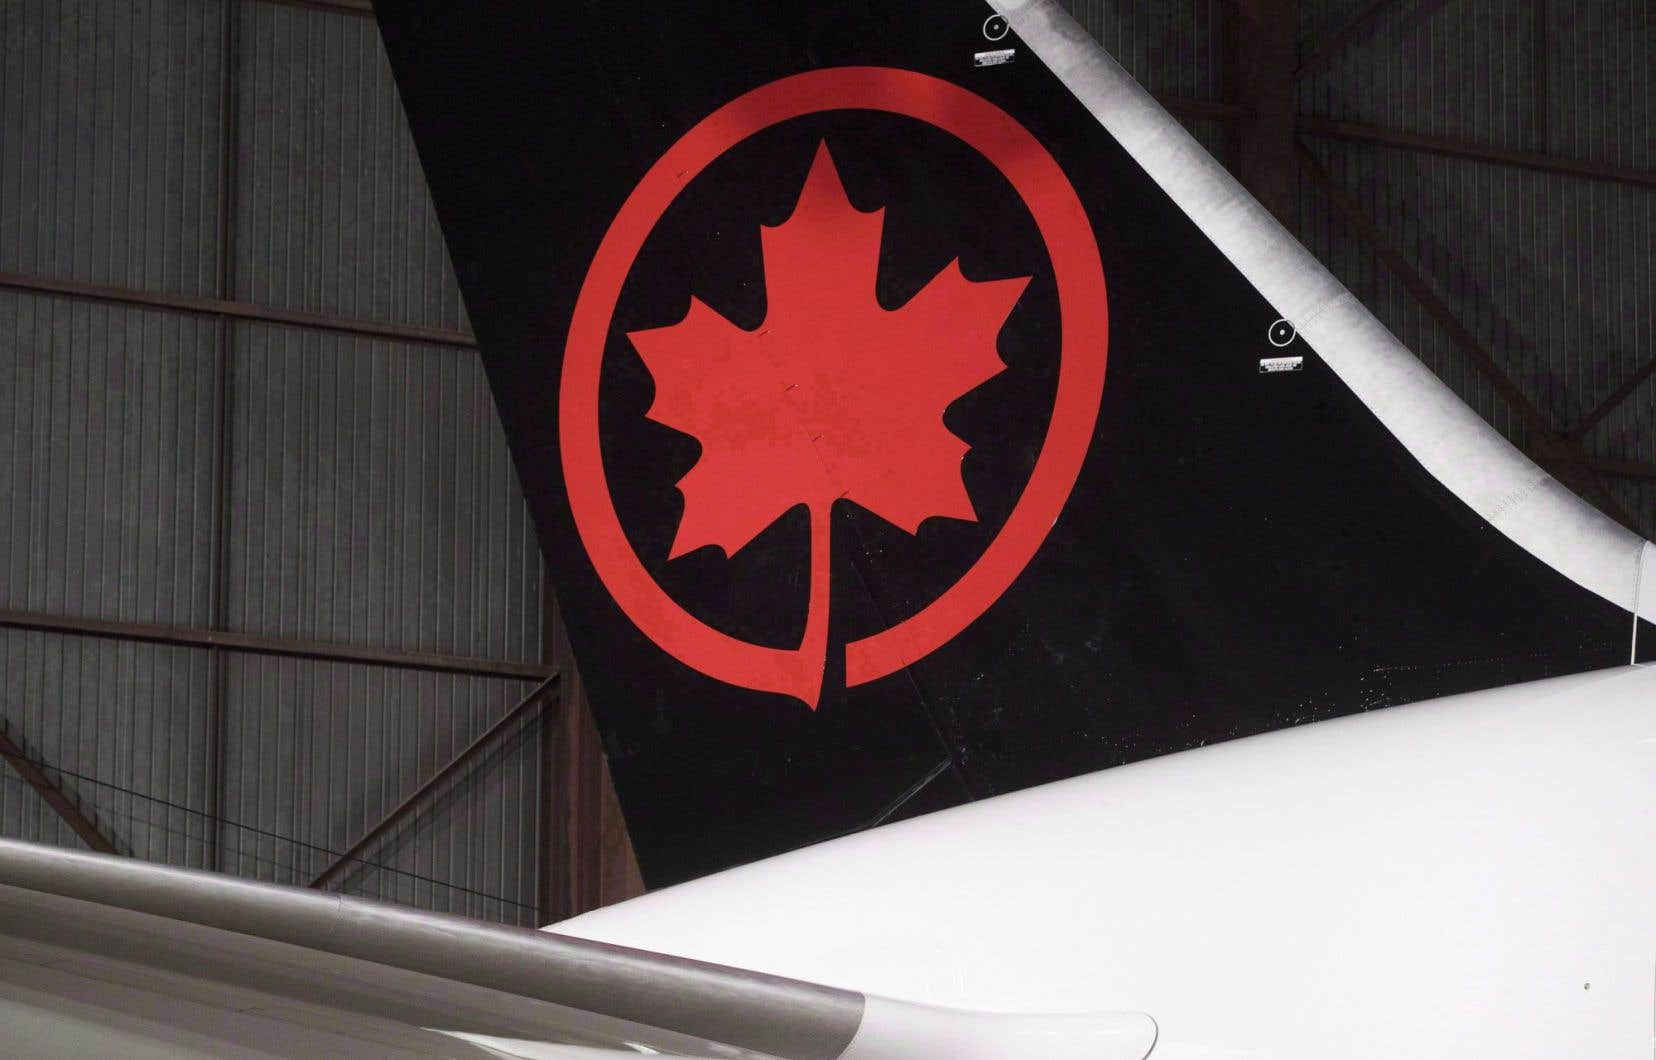 L'incidenta impliqué un appareil d'Air Canada et un avion opéré par la compagnie polonaise LOT.